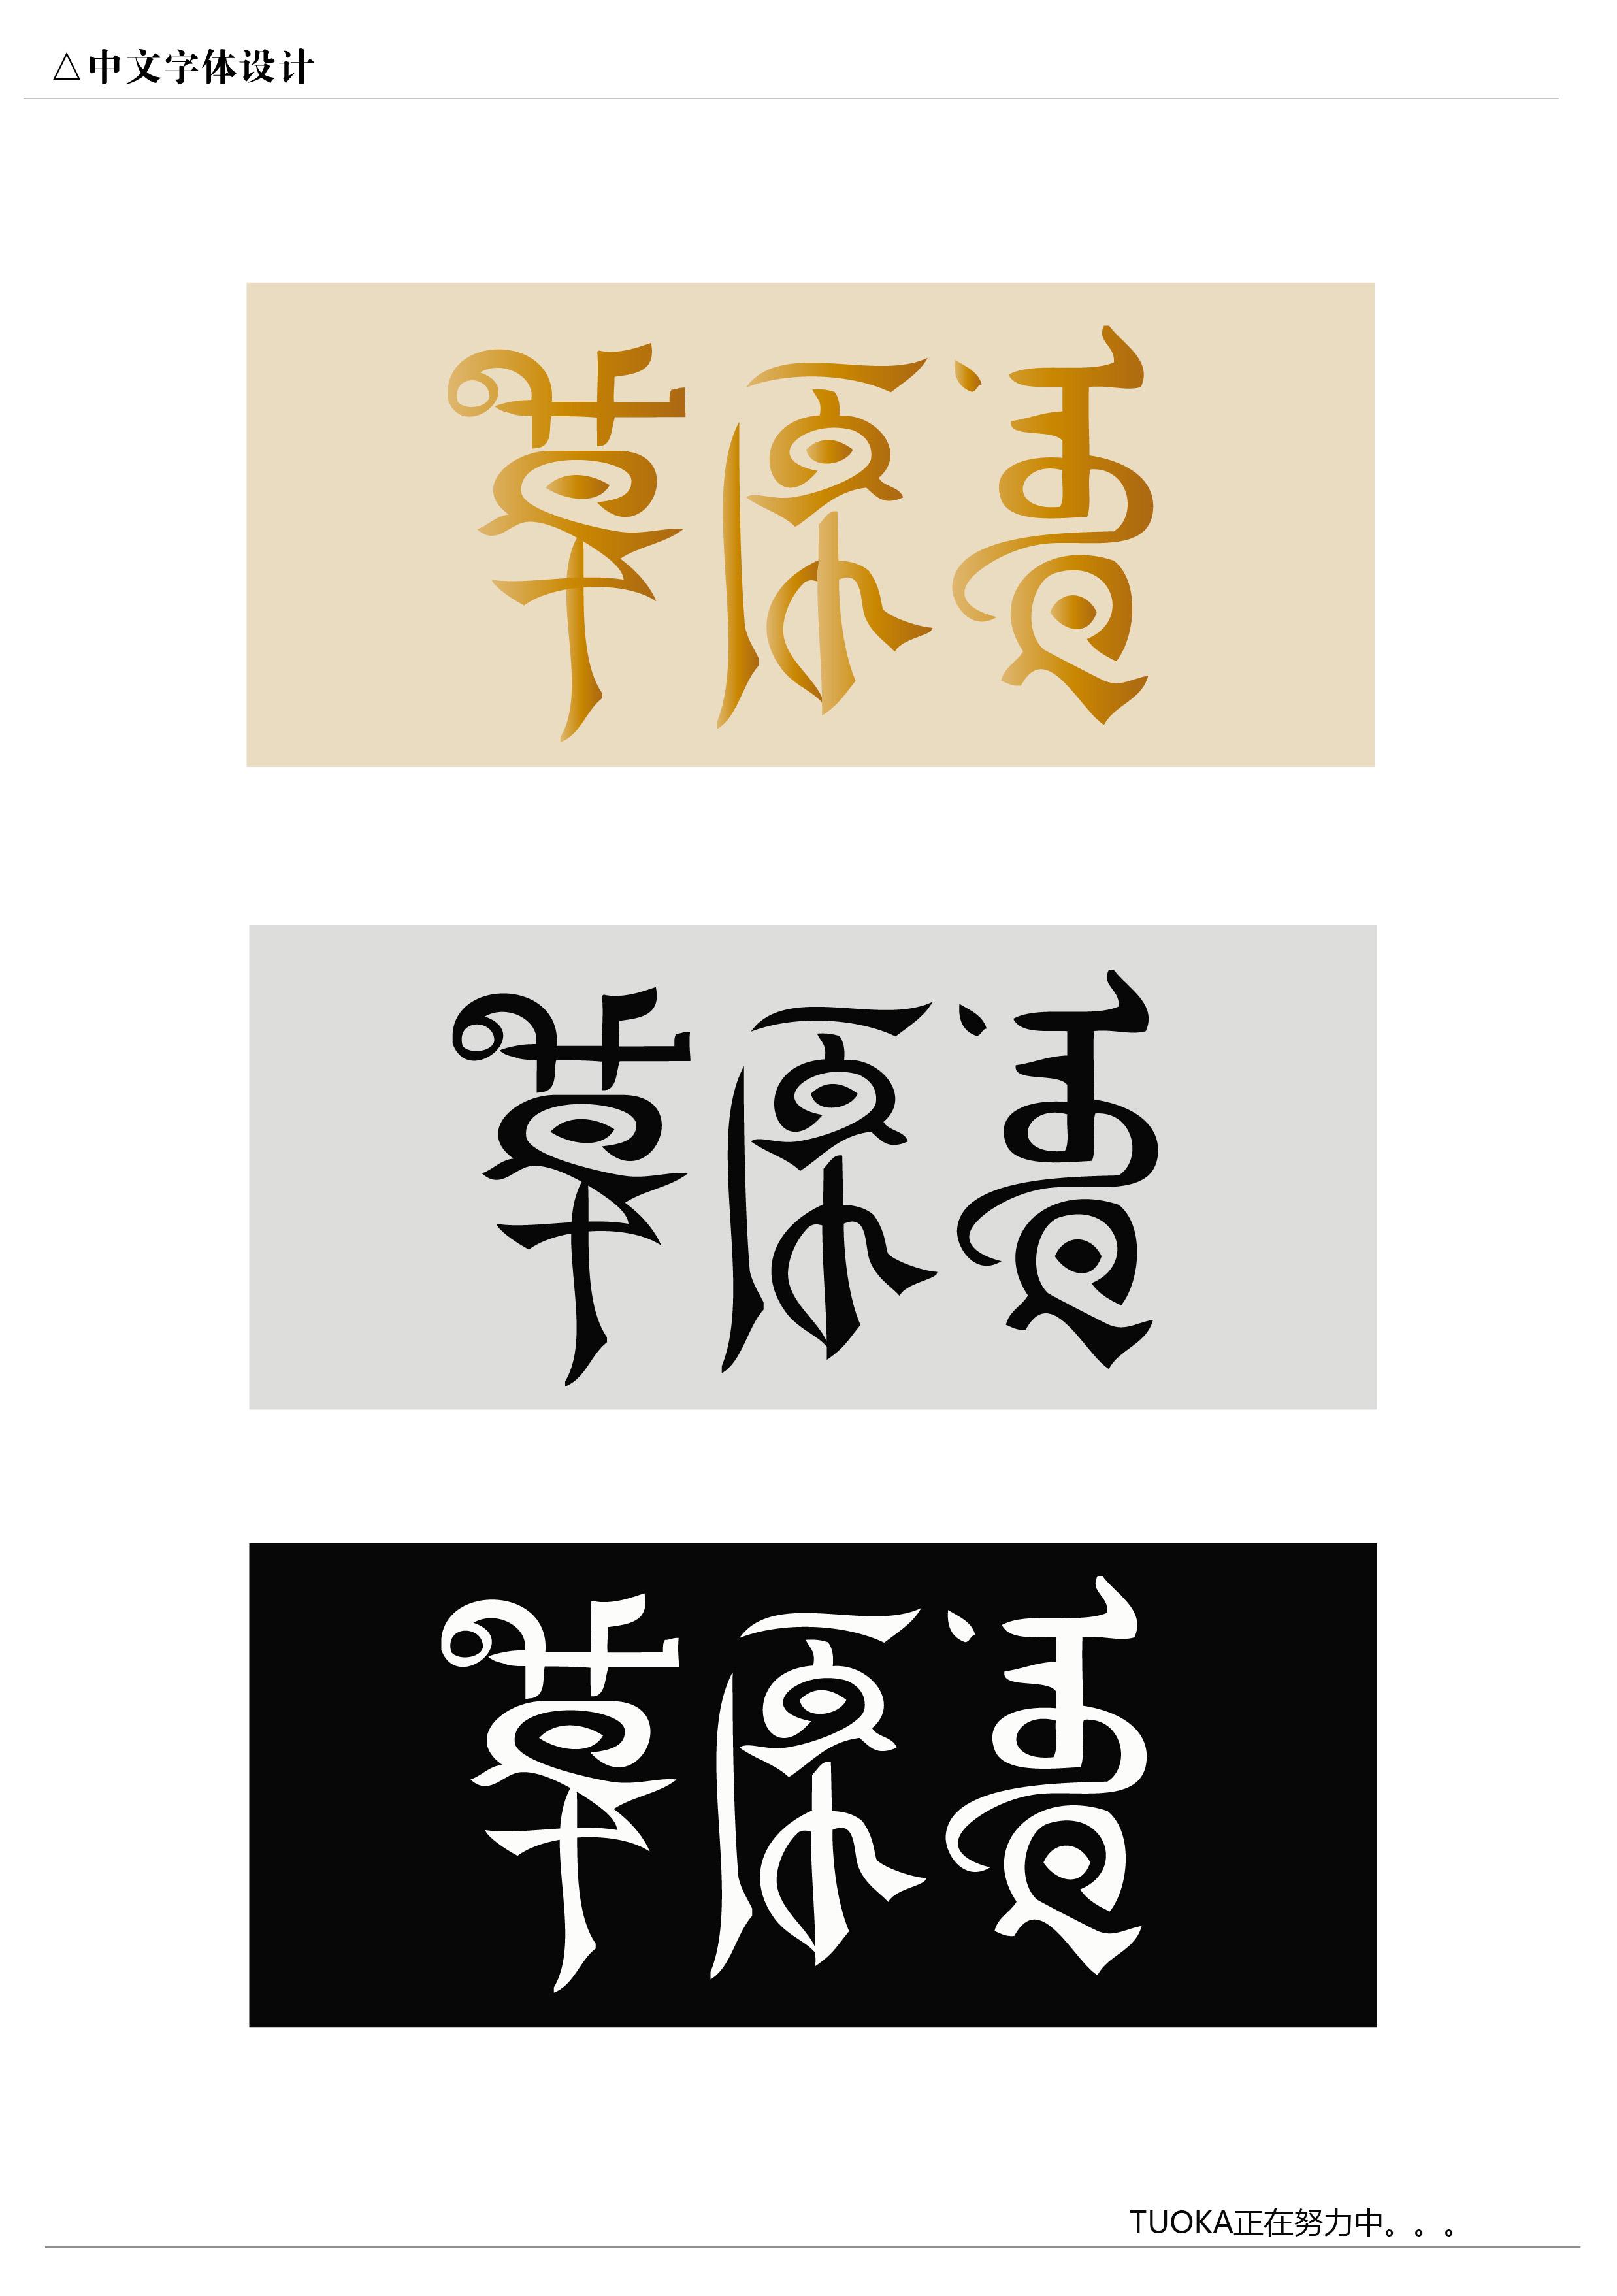 草原香字体设计,提炼蒙古文字,进行演绎变形设计,从而在视觉上传达出图片